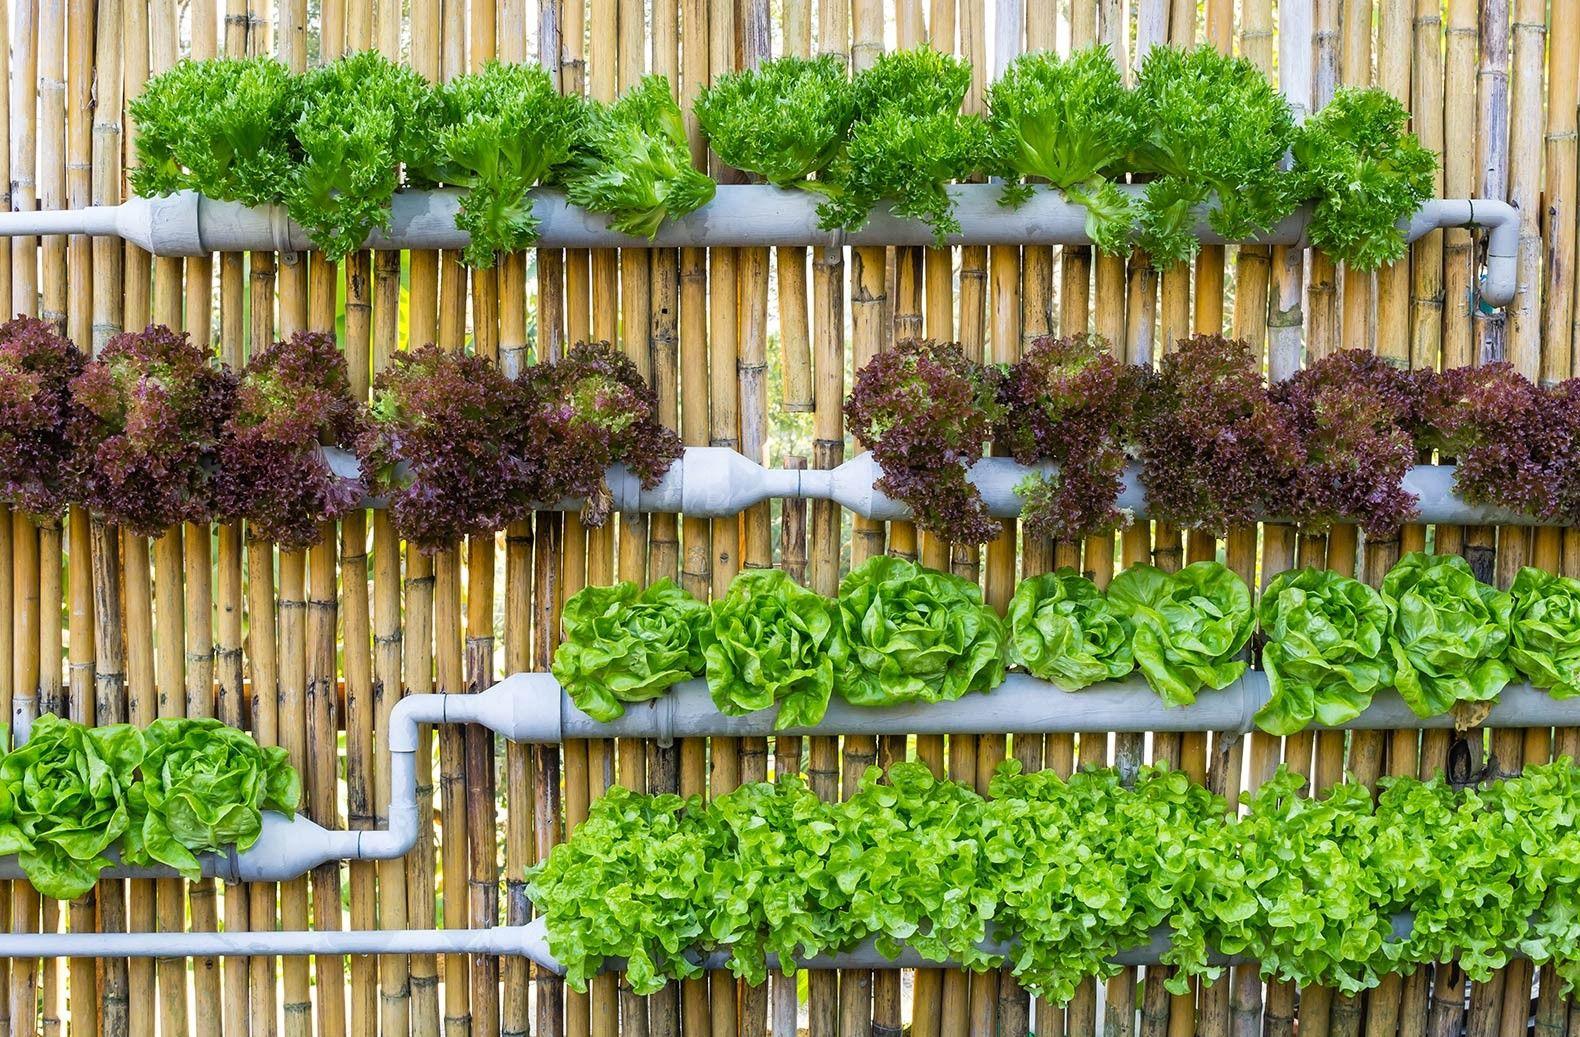 Cara Bertani Kreatif ala Millennial yang Wajib Kamu Coba di Rumah